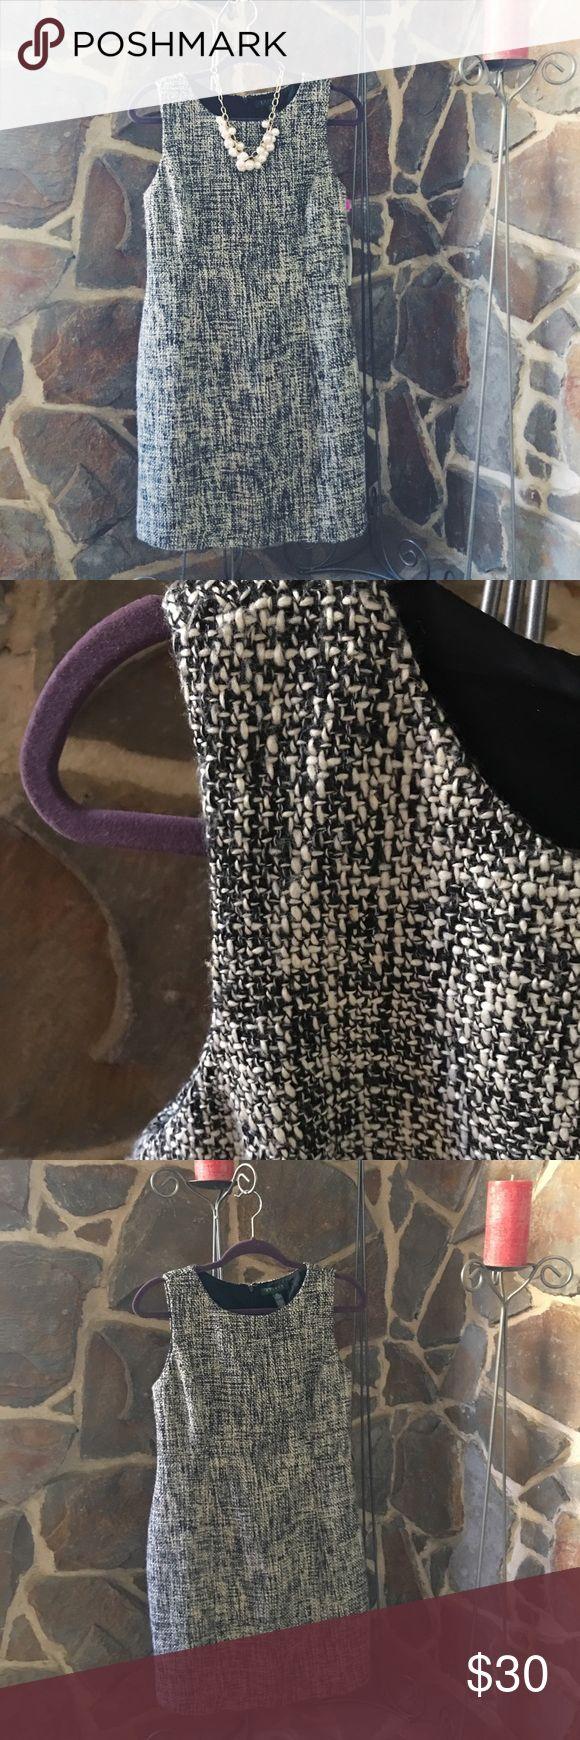 Lauren Ralph Lauren Dress 👗 Never worn! Perfect for the office or dinner date 😊 Lauren Ralph Lauren Dresses Midi